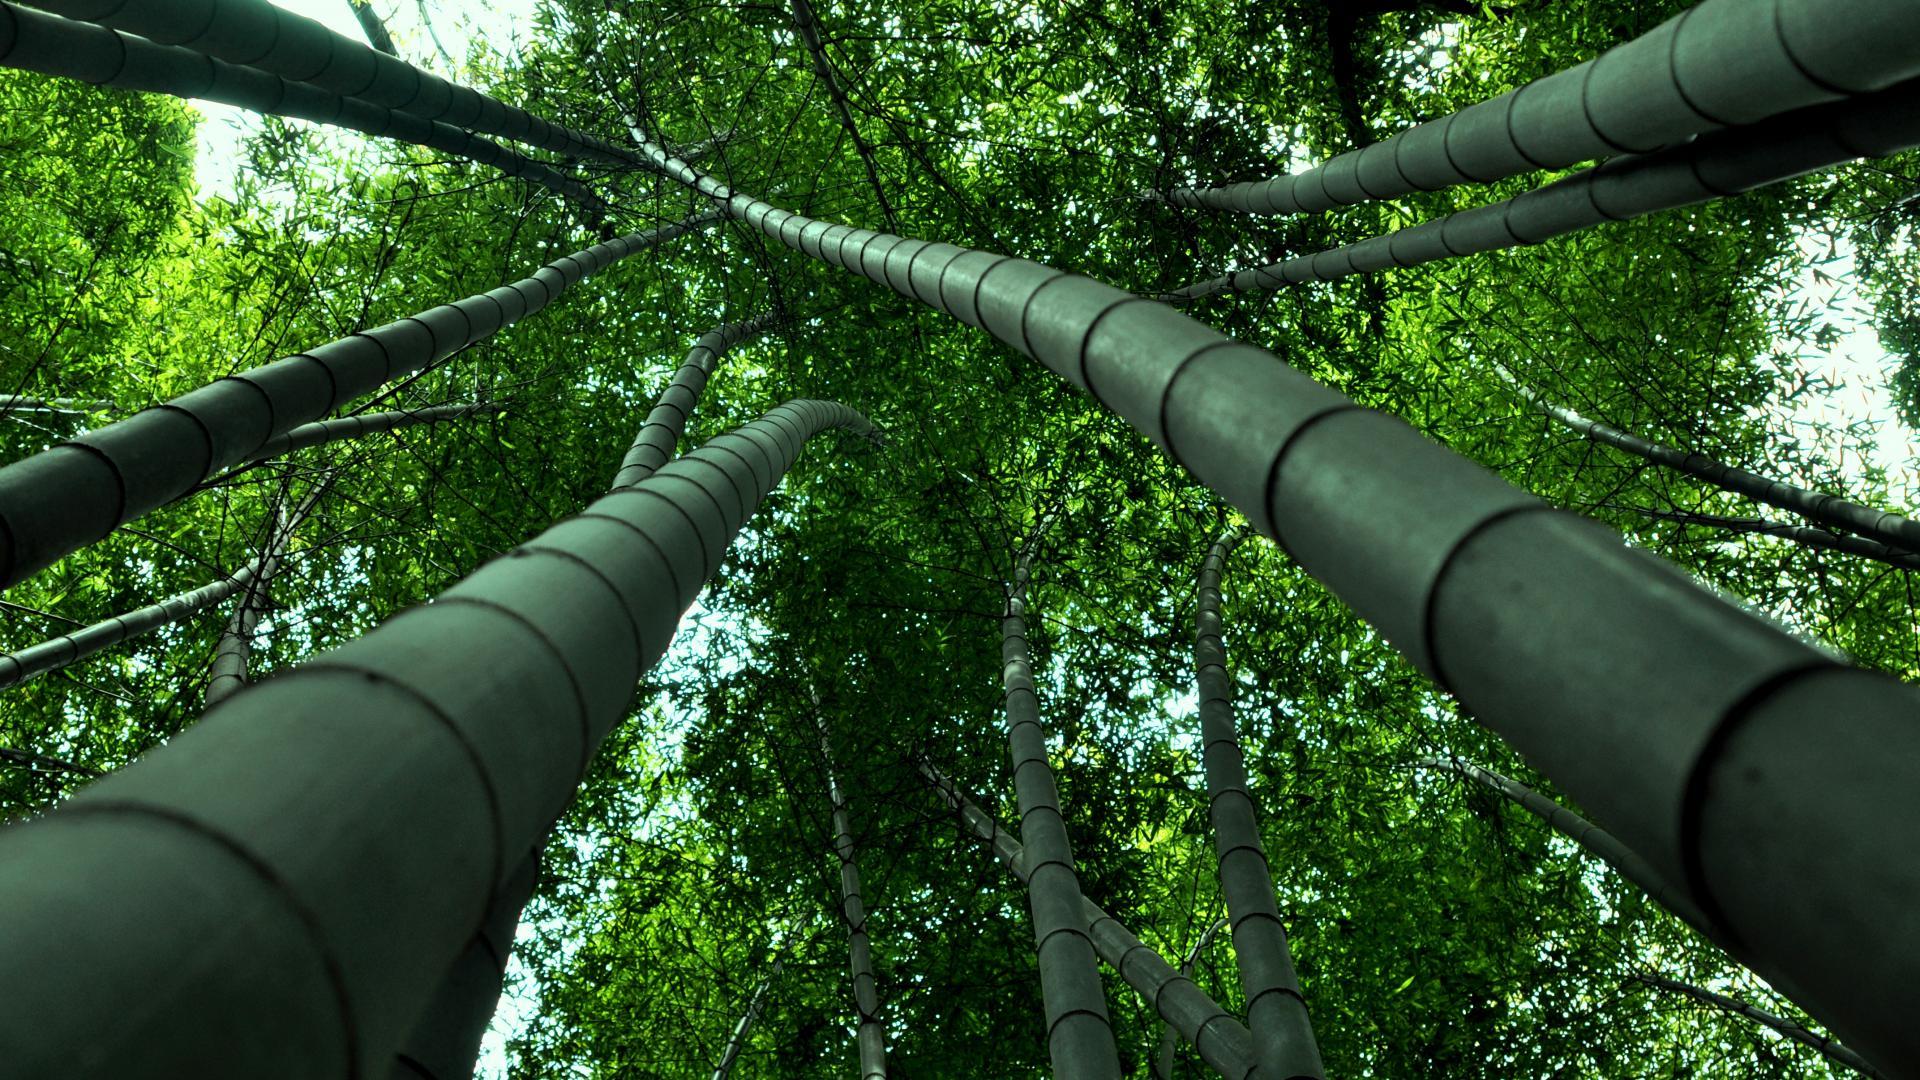 Earth Bamboo 1920x1080